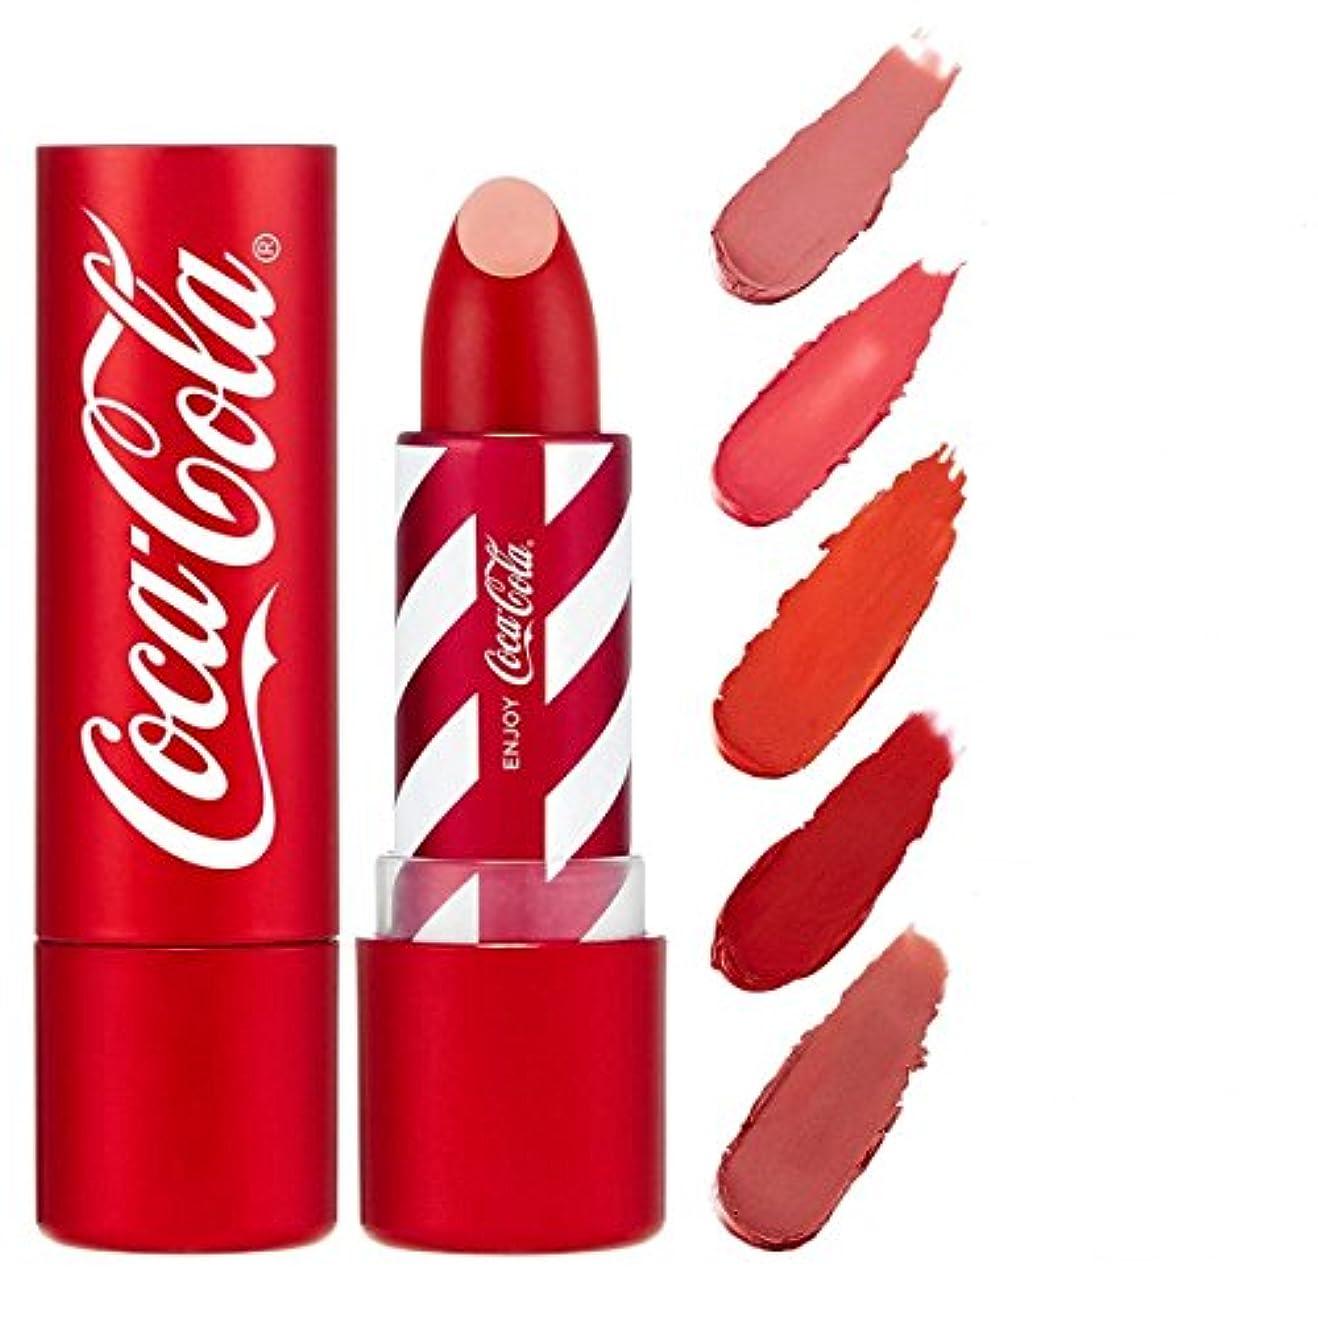 伝導温度計狂ったコカ?コーラ×THE FACE SHOP リップスティック ~ コカ?コーラ公式グッズ 04 COKE RED